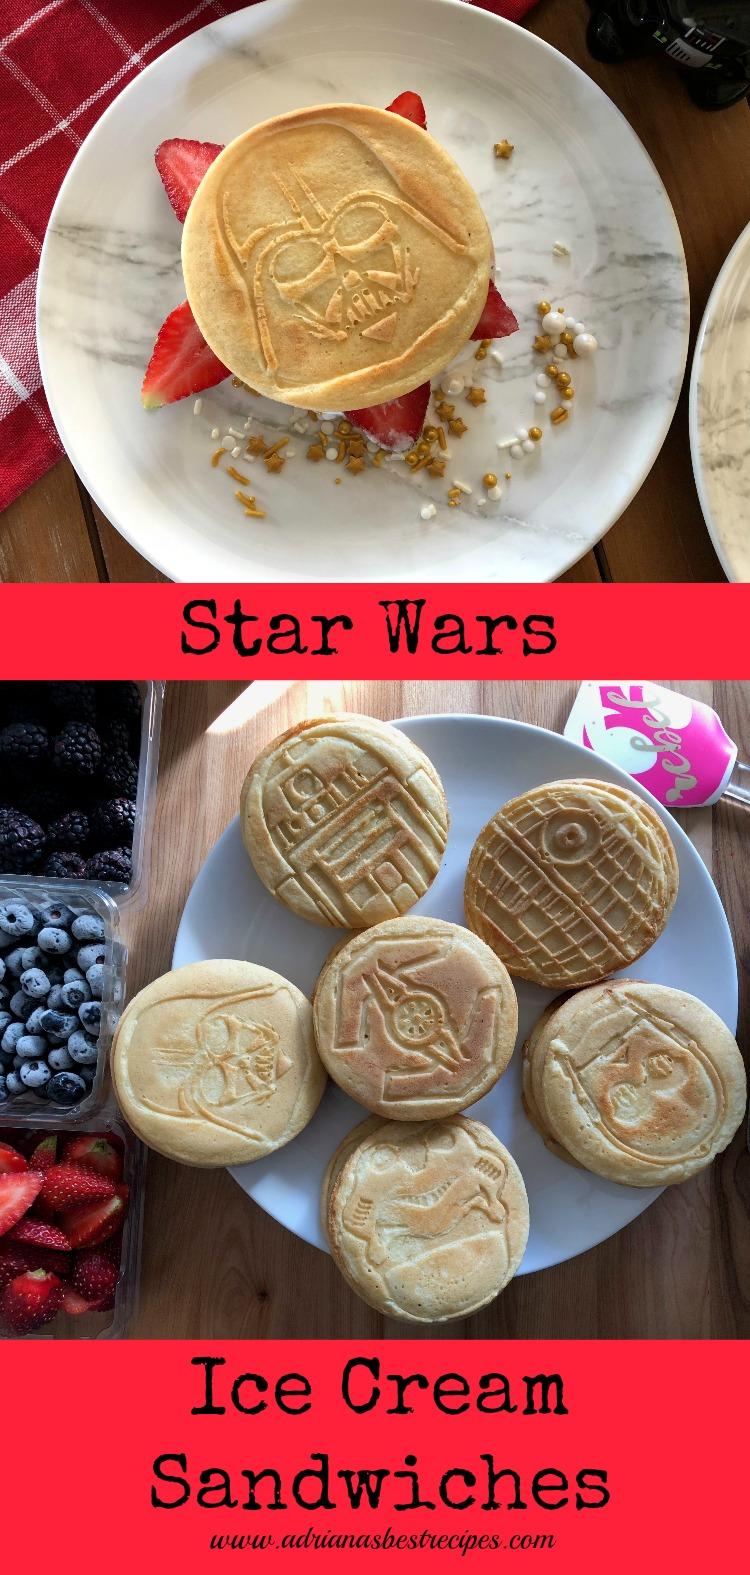 Star Wars Ice Cream Sandwiches